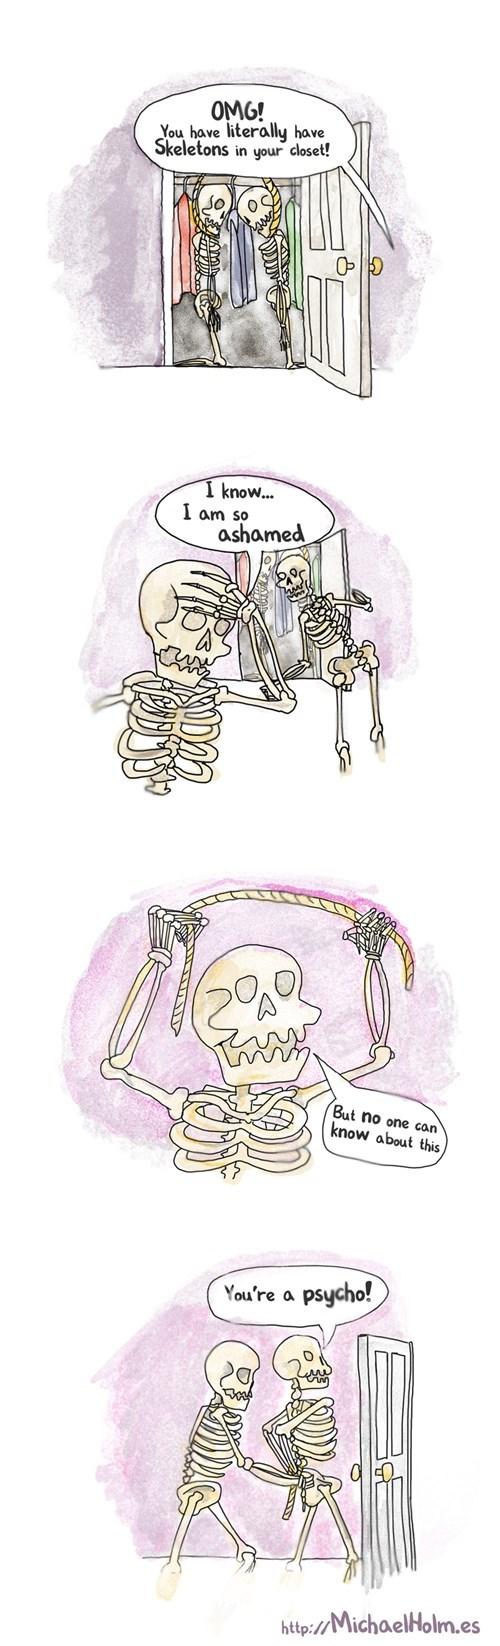 halloween puns skeleton war skeletons web comics - 8356308736